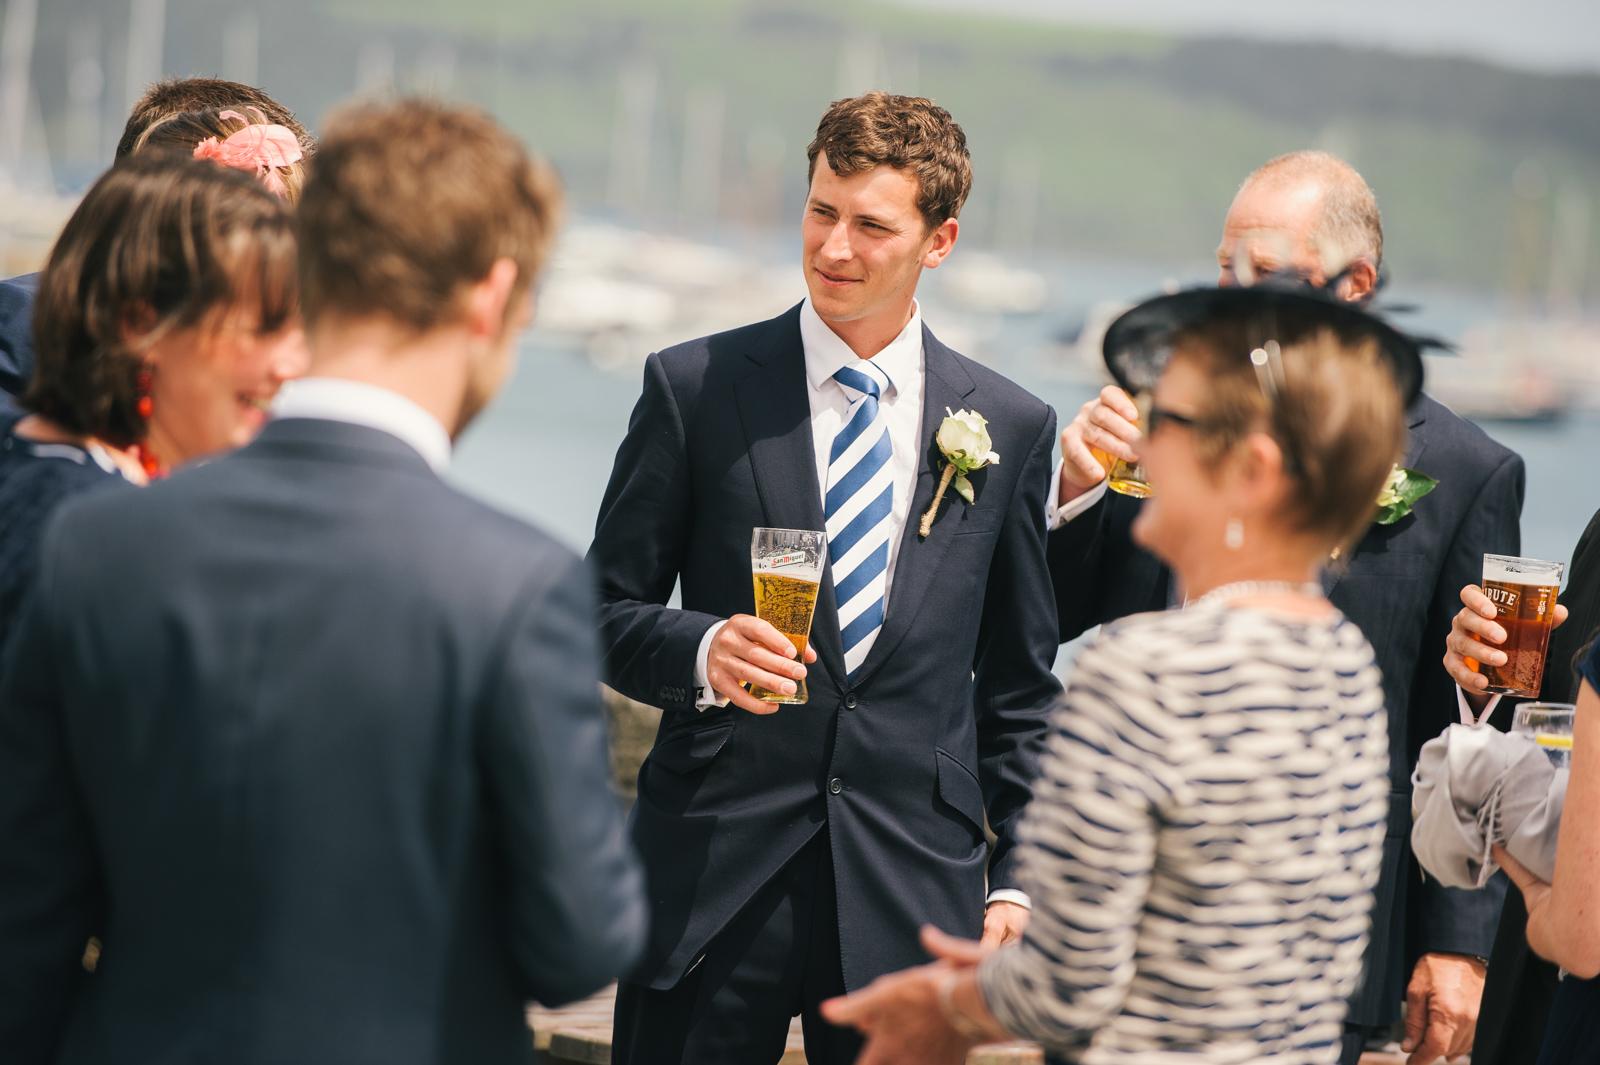 mylor-church-wedding-18.jpg